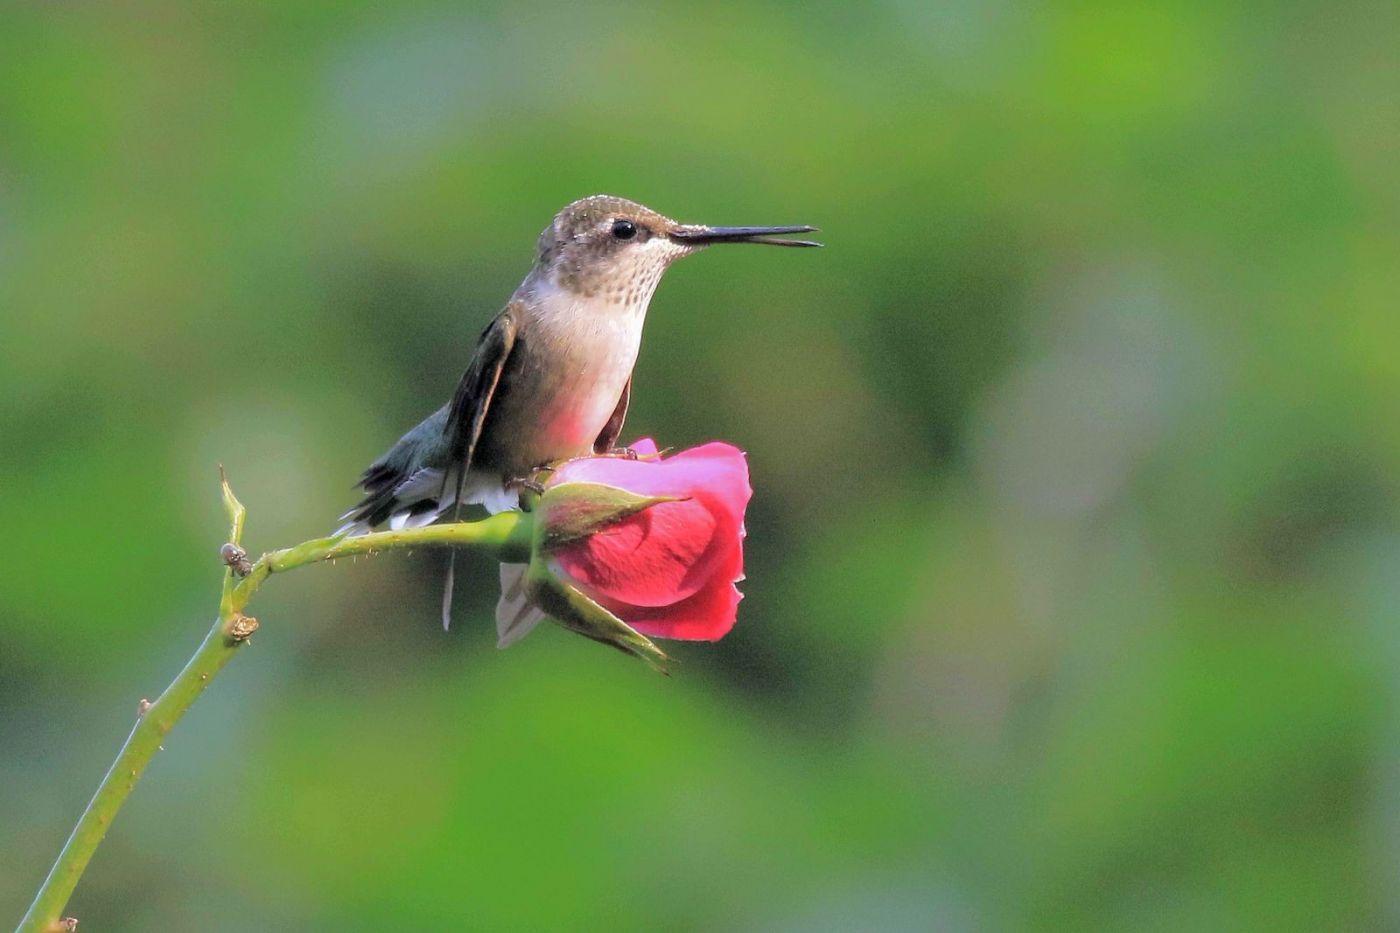 凯辛娜公园拍的蜂鸟_图1-8